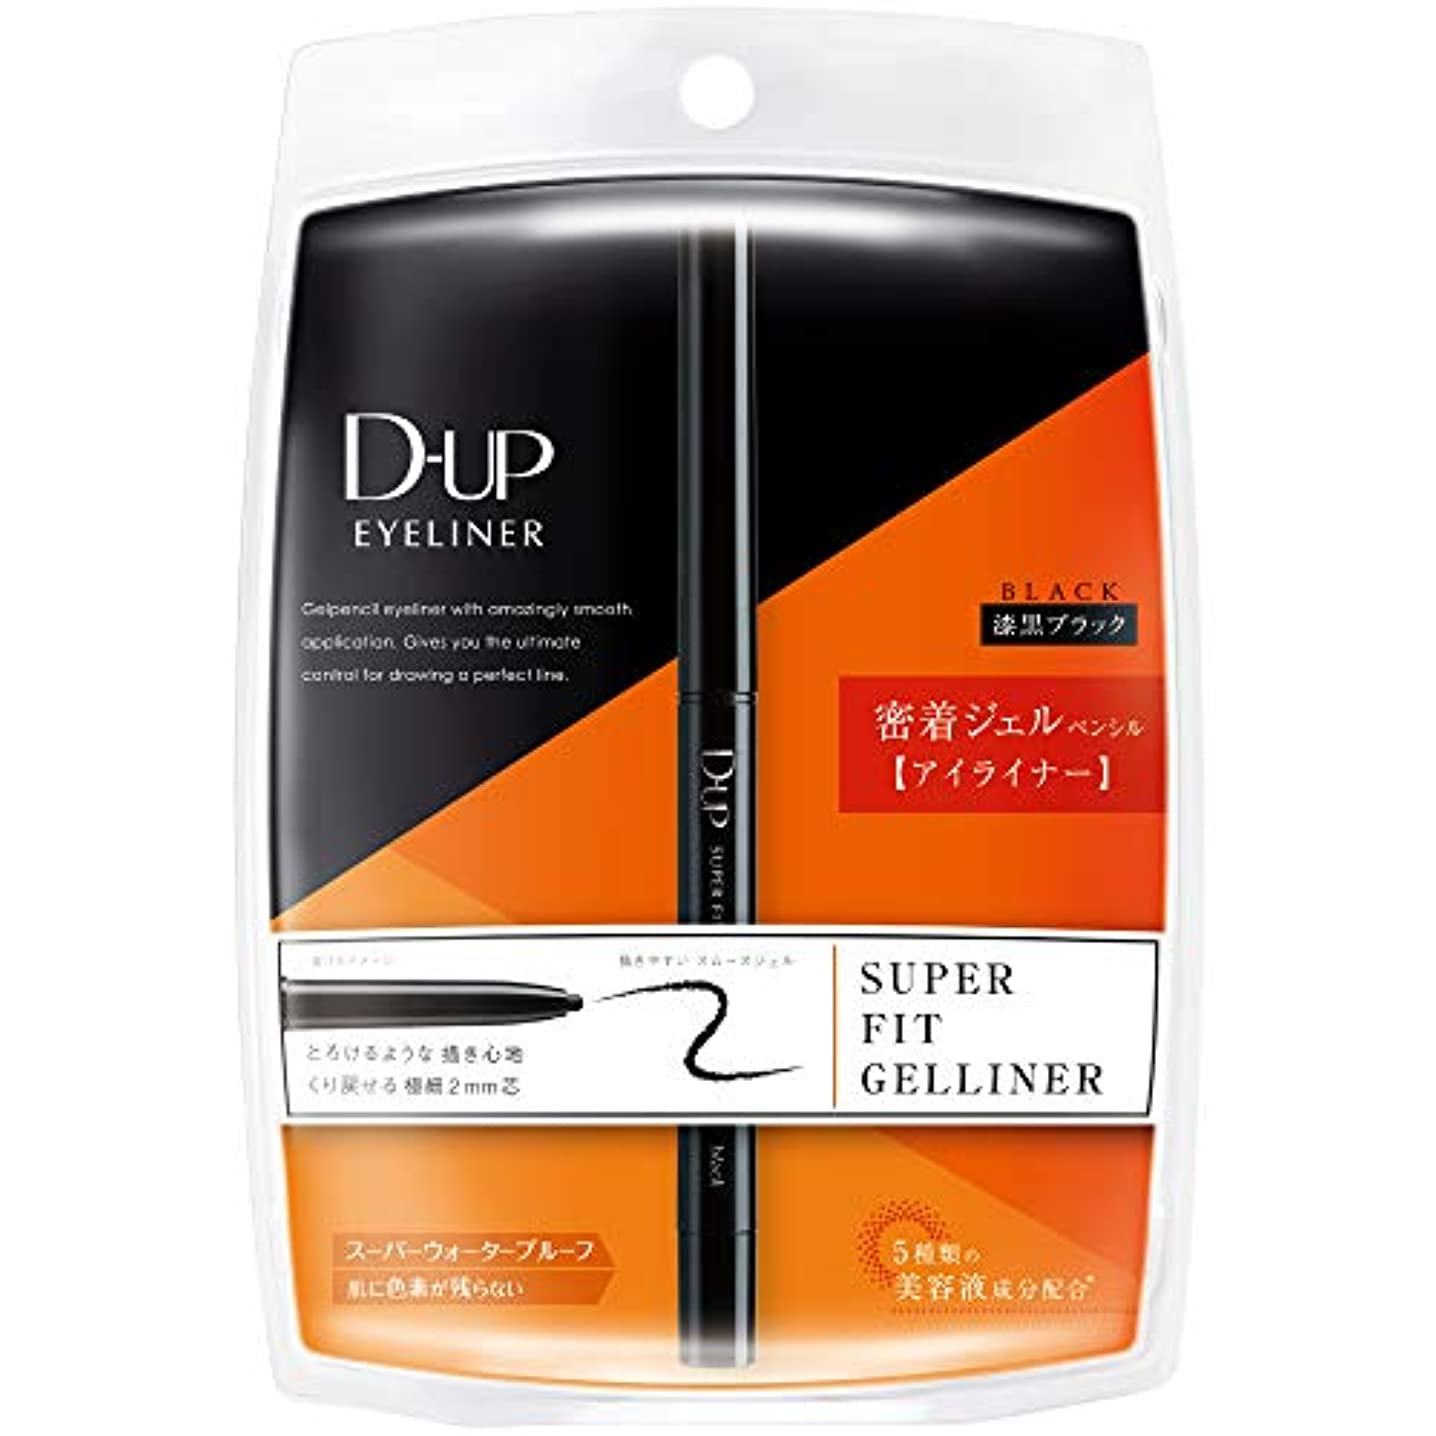 チョコレート調整可能言い換えるとD-UP(ディーアップ) スーパーフィットジェルライナー ブラック アイライナー 1本